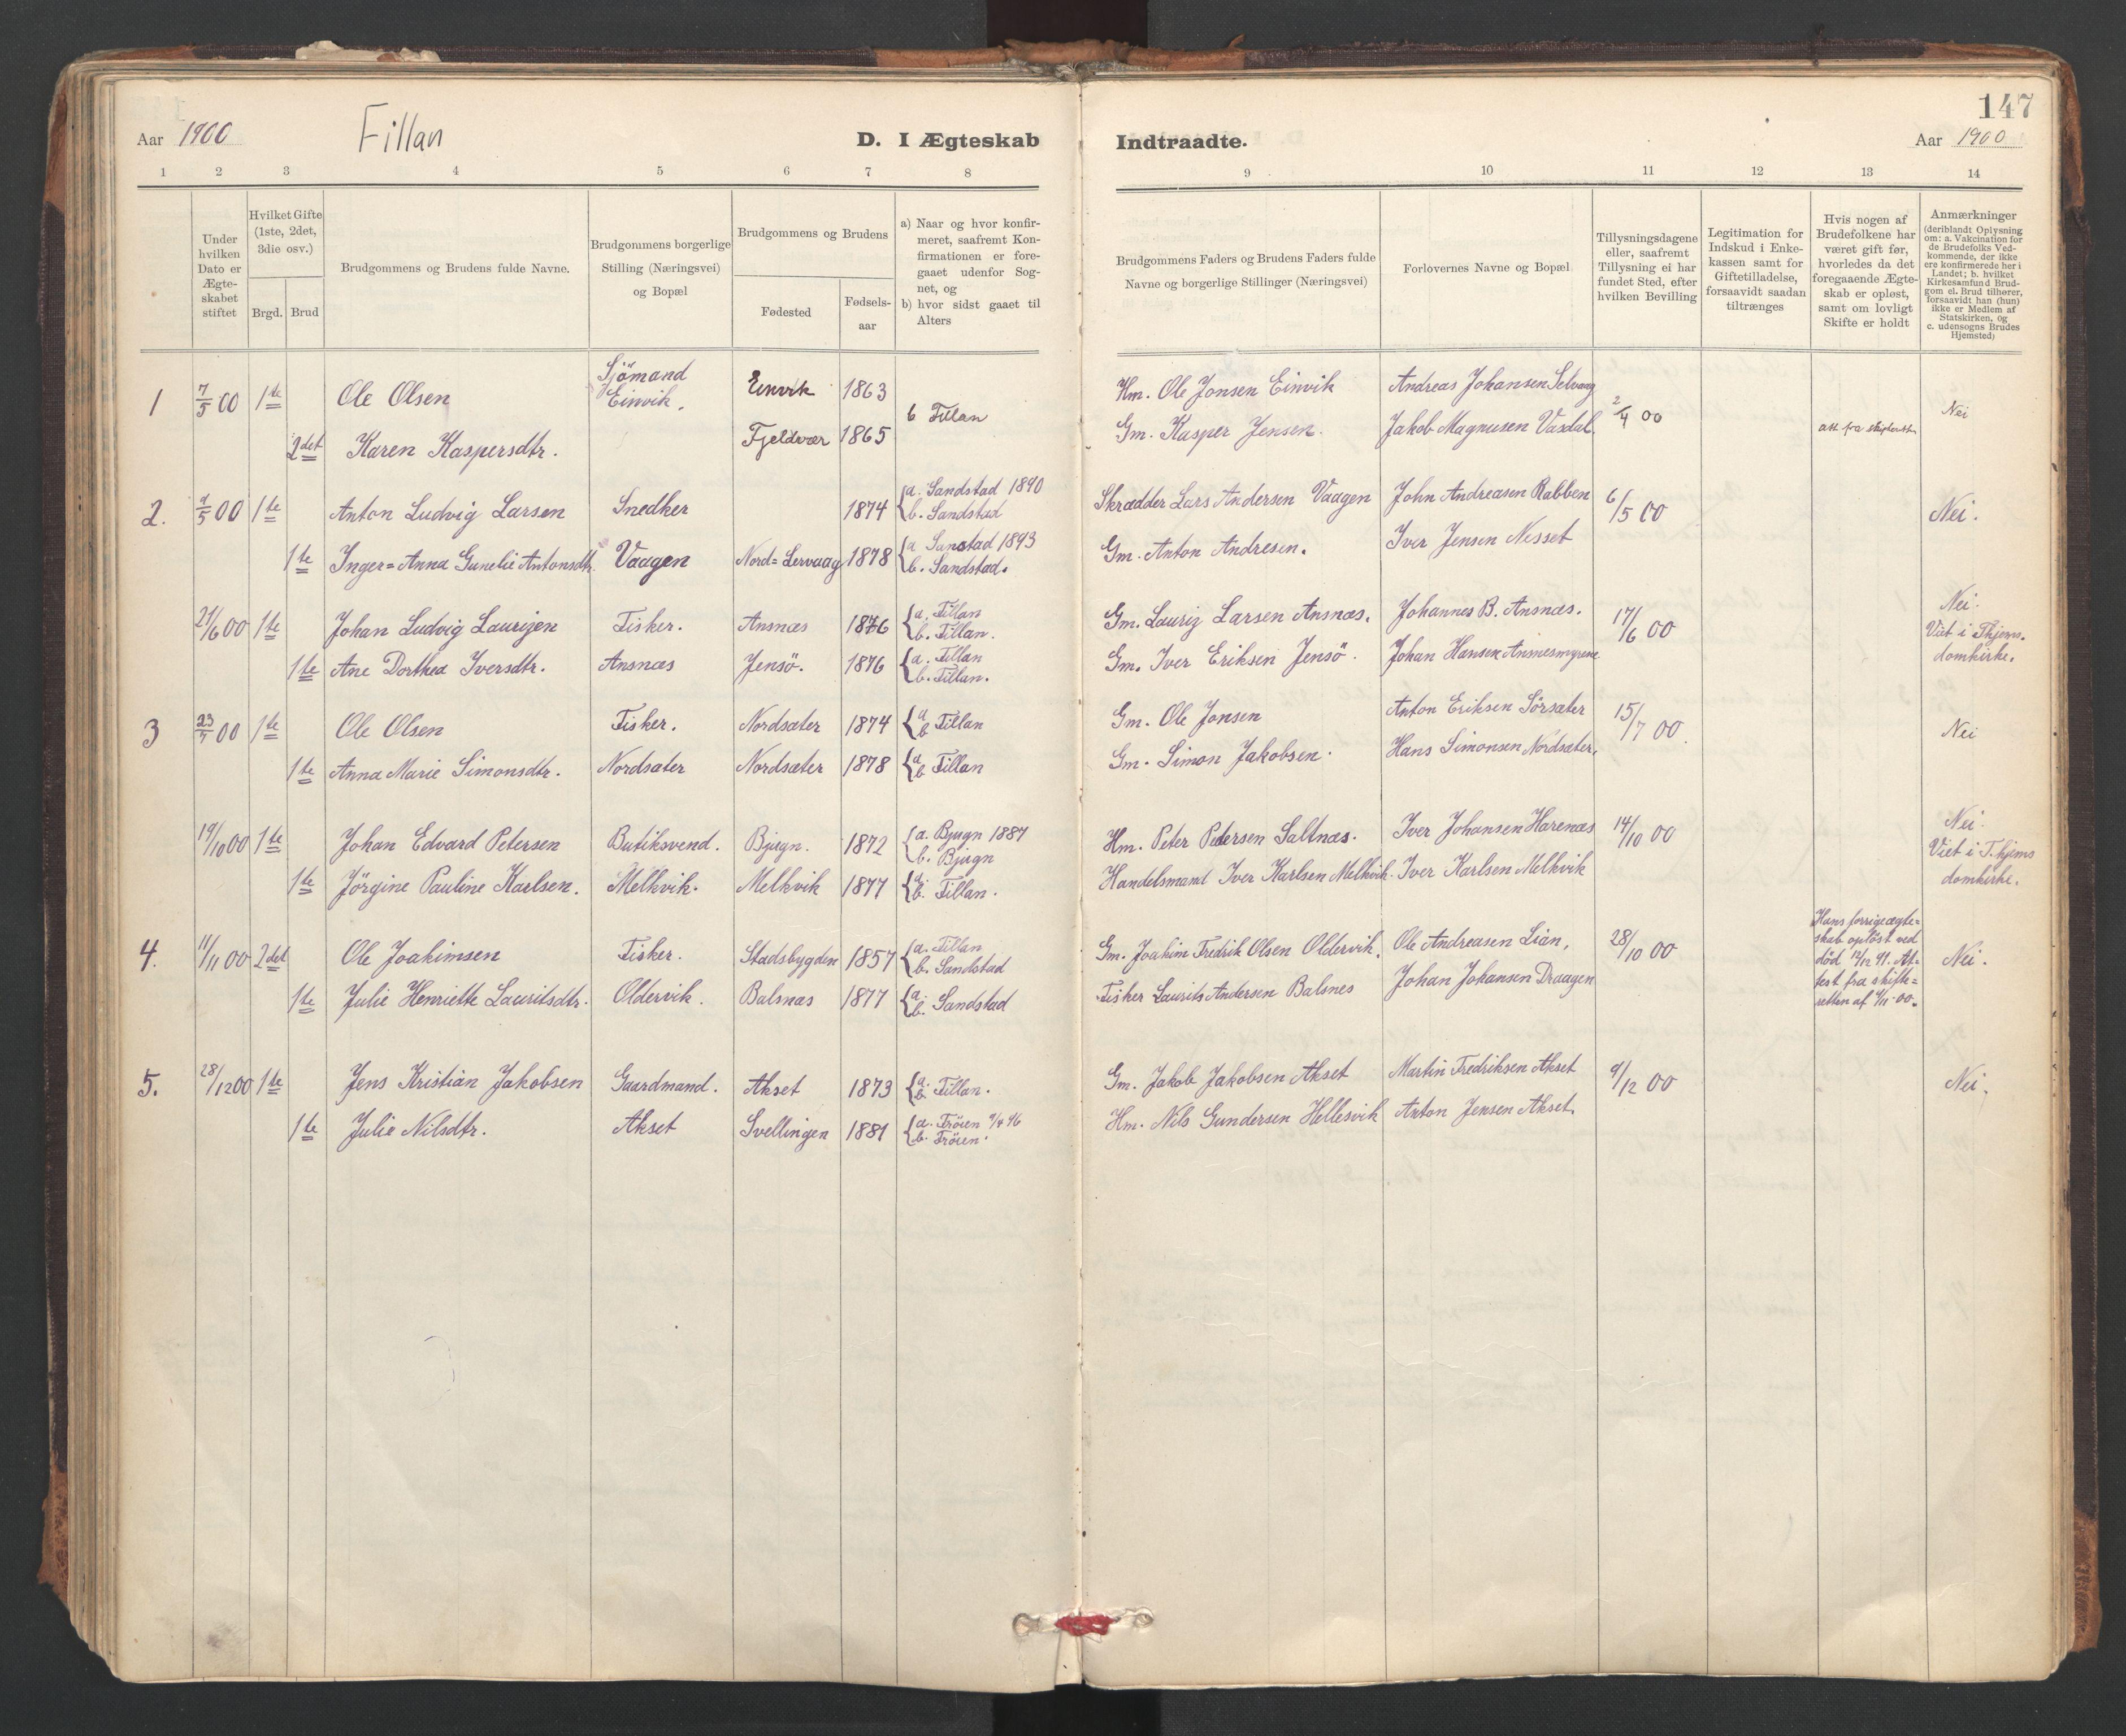 SAT, Ministerialprotokoller, klokkerbøker og fødselsregistre - Sør-Trøndelag, 637/L0559: Ministerialbok nr. 637A02, 1899-1923, s. 147